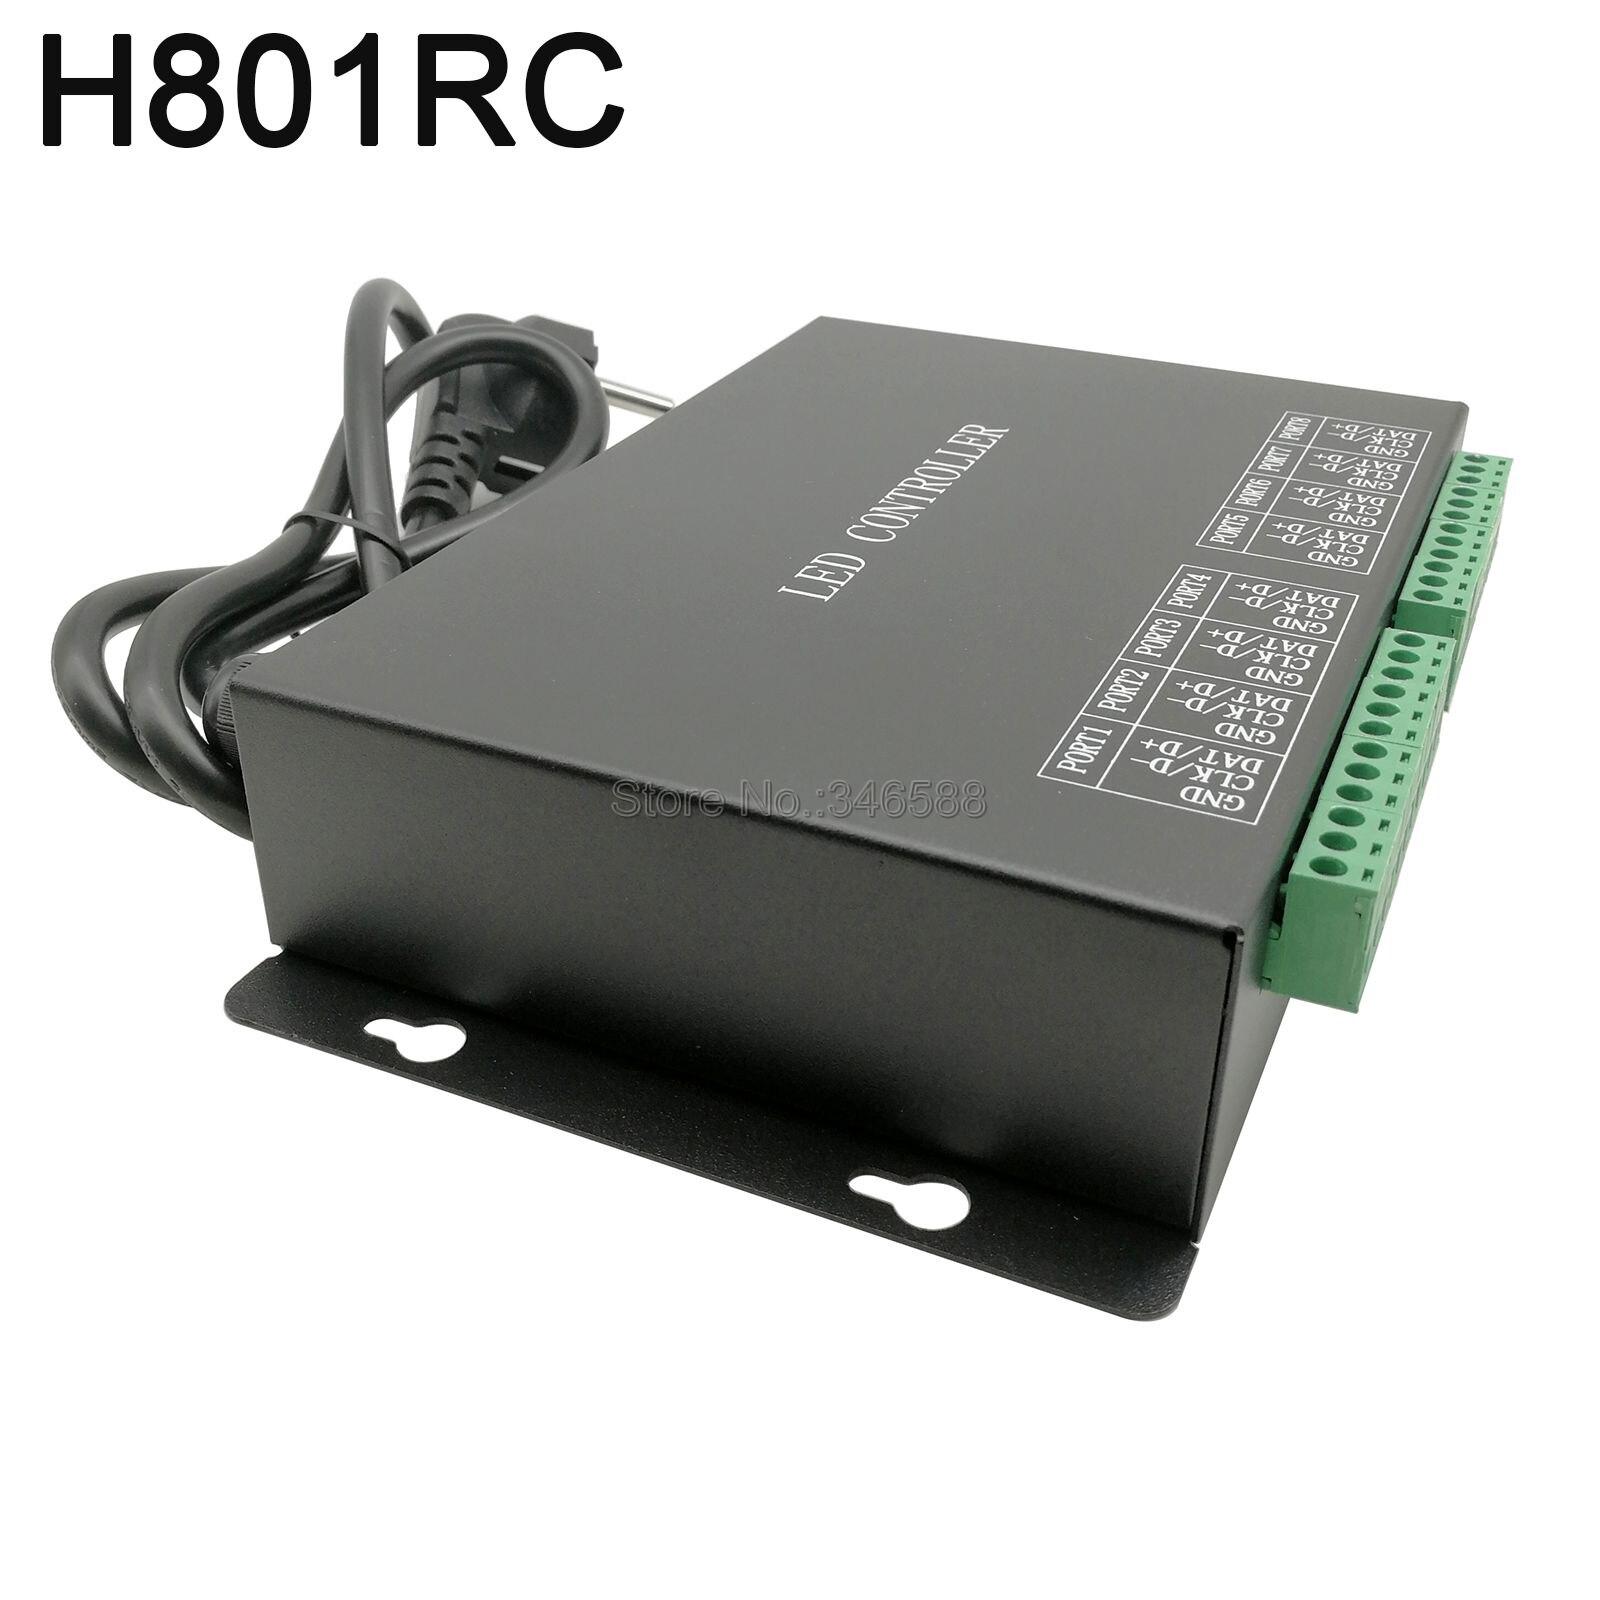 H801RC 8 портов Slave светодиодный пиксельный контроллер работает с компьютерной сетью или контроллер управления (H803TV или H803TC) привод 8192 пикселей